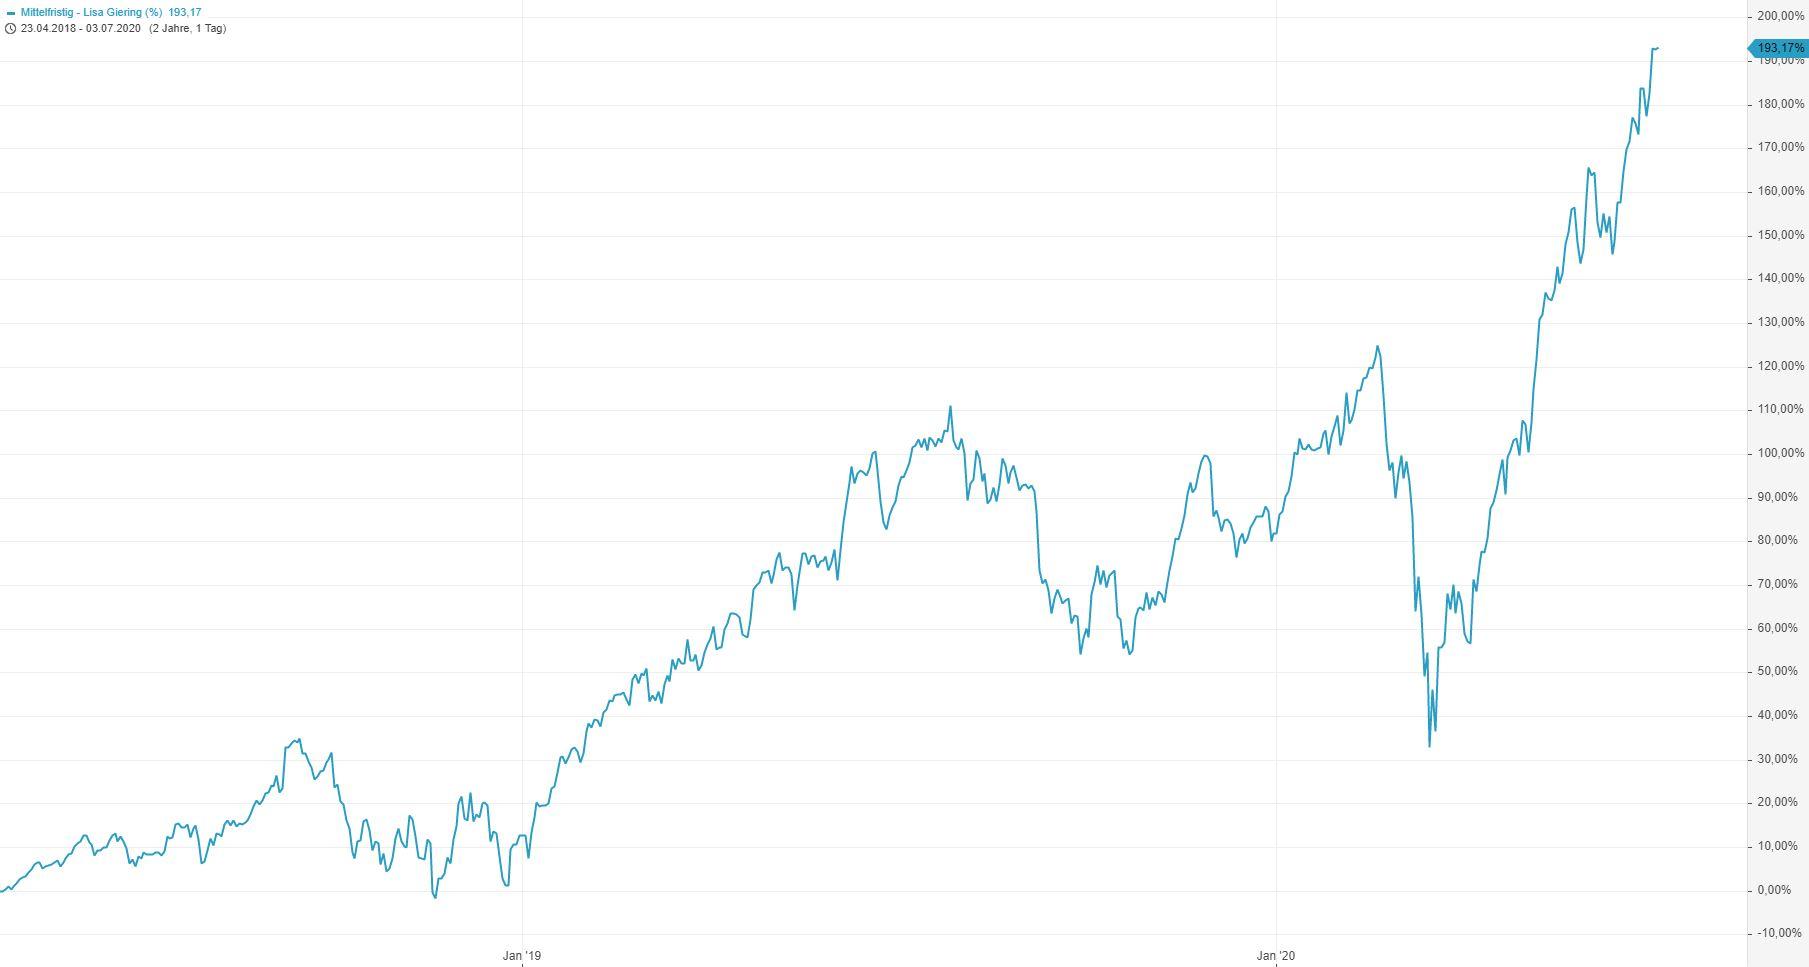 Corona-Crash-Bilanz-meiner-Strategie-des-Vermögensaufbaus-Entspannt-Krisen-meistern-Kommentar-Lisa-Giering-GodmodeTrader.de-1